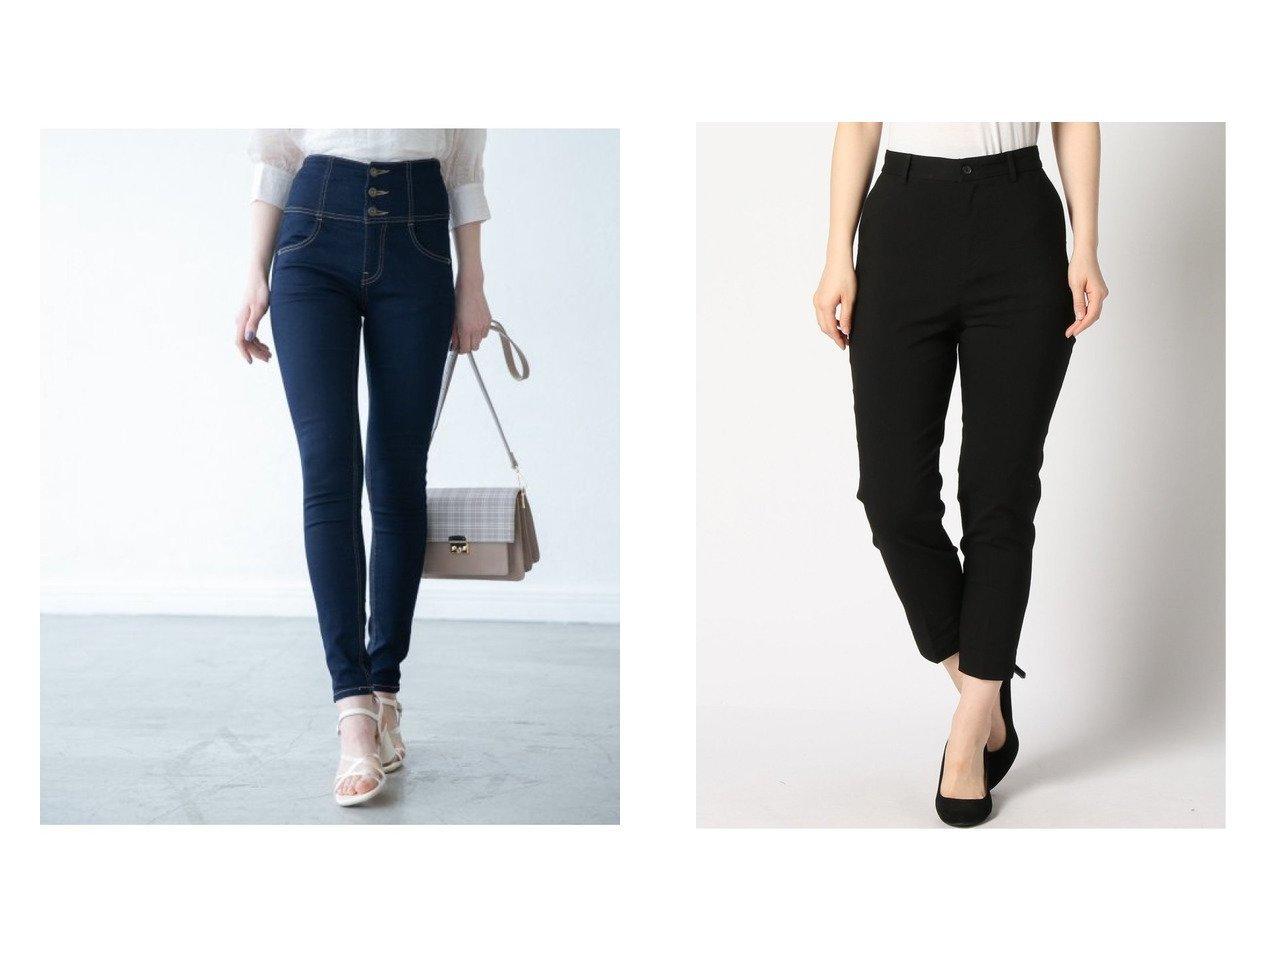 【Heather/ヘザー】のISKOスキニー&【GLOBAL WORK/グローバルワーク】のスゴラクスリムテーパードP パンツのおすすめ!人気、トレンド・レディースファッションの通販  おすすめで人気の流行・トレンド、ファッションの通販商品 メンズファッション・キッズファッション・インテリア・家具・レディースファッション・服の通販 founy(ファニー) https://founy.com/ ファッション Fashion レディースファッション WOMEN パンツ Pants S/S 春夏 SS Spring/Summer ケミカル ジーンズ スキニー 再入荷 Restock/Back in Stock/Re Arrival 定番 Standard 春 Spring NEW・新作・新着・新入荷 New Arrivals ギャザー ストレッチ センター チュニック 人気 |ID:crp329100000018867